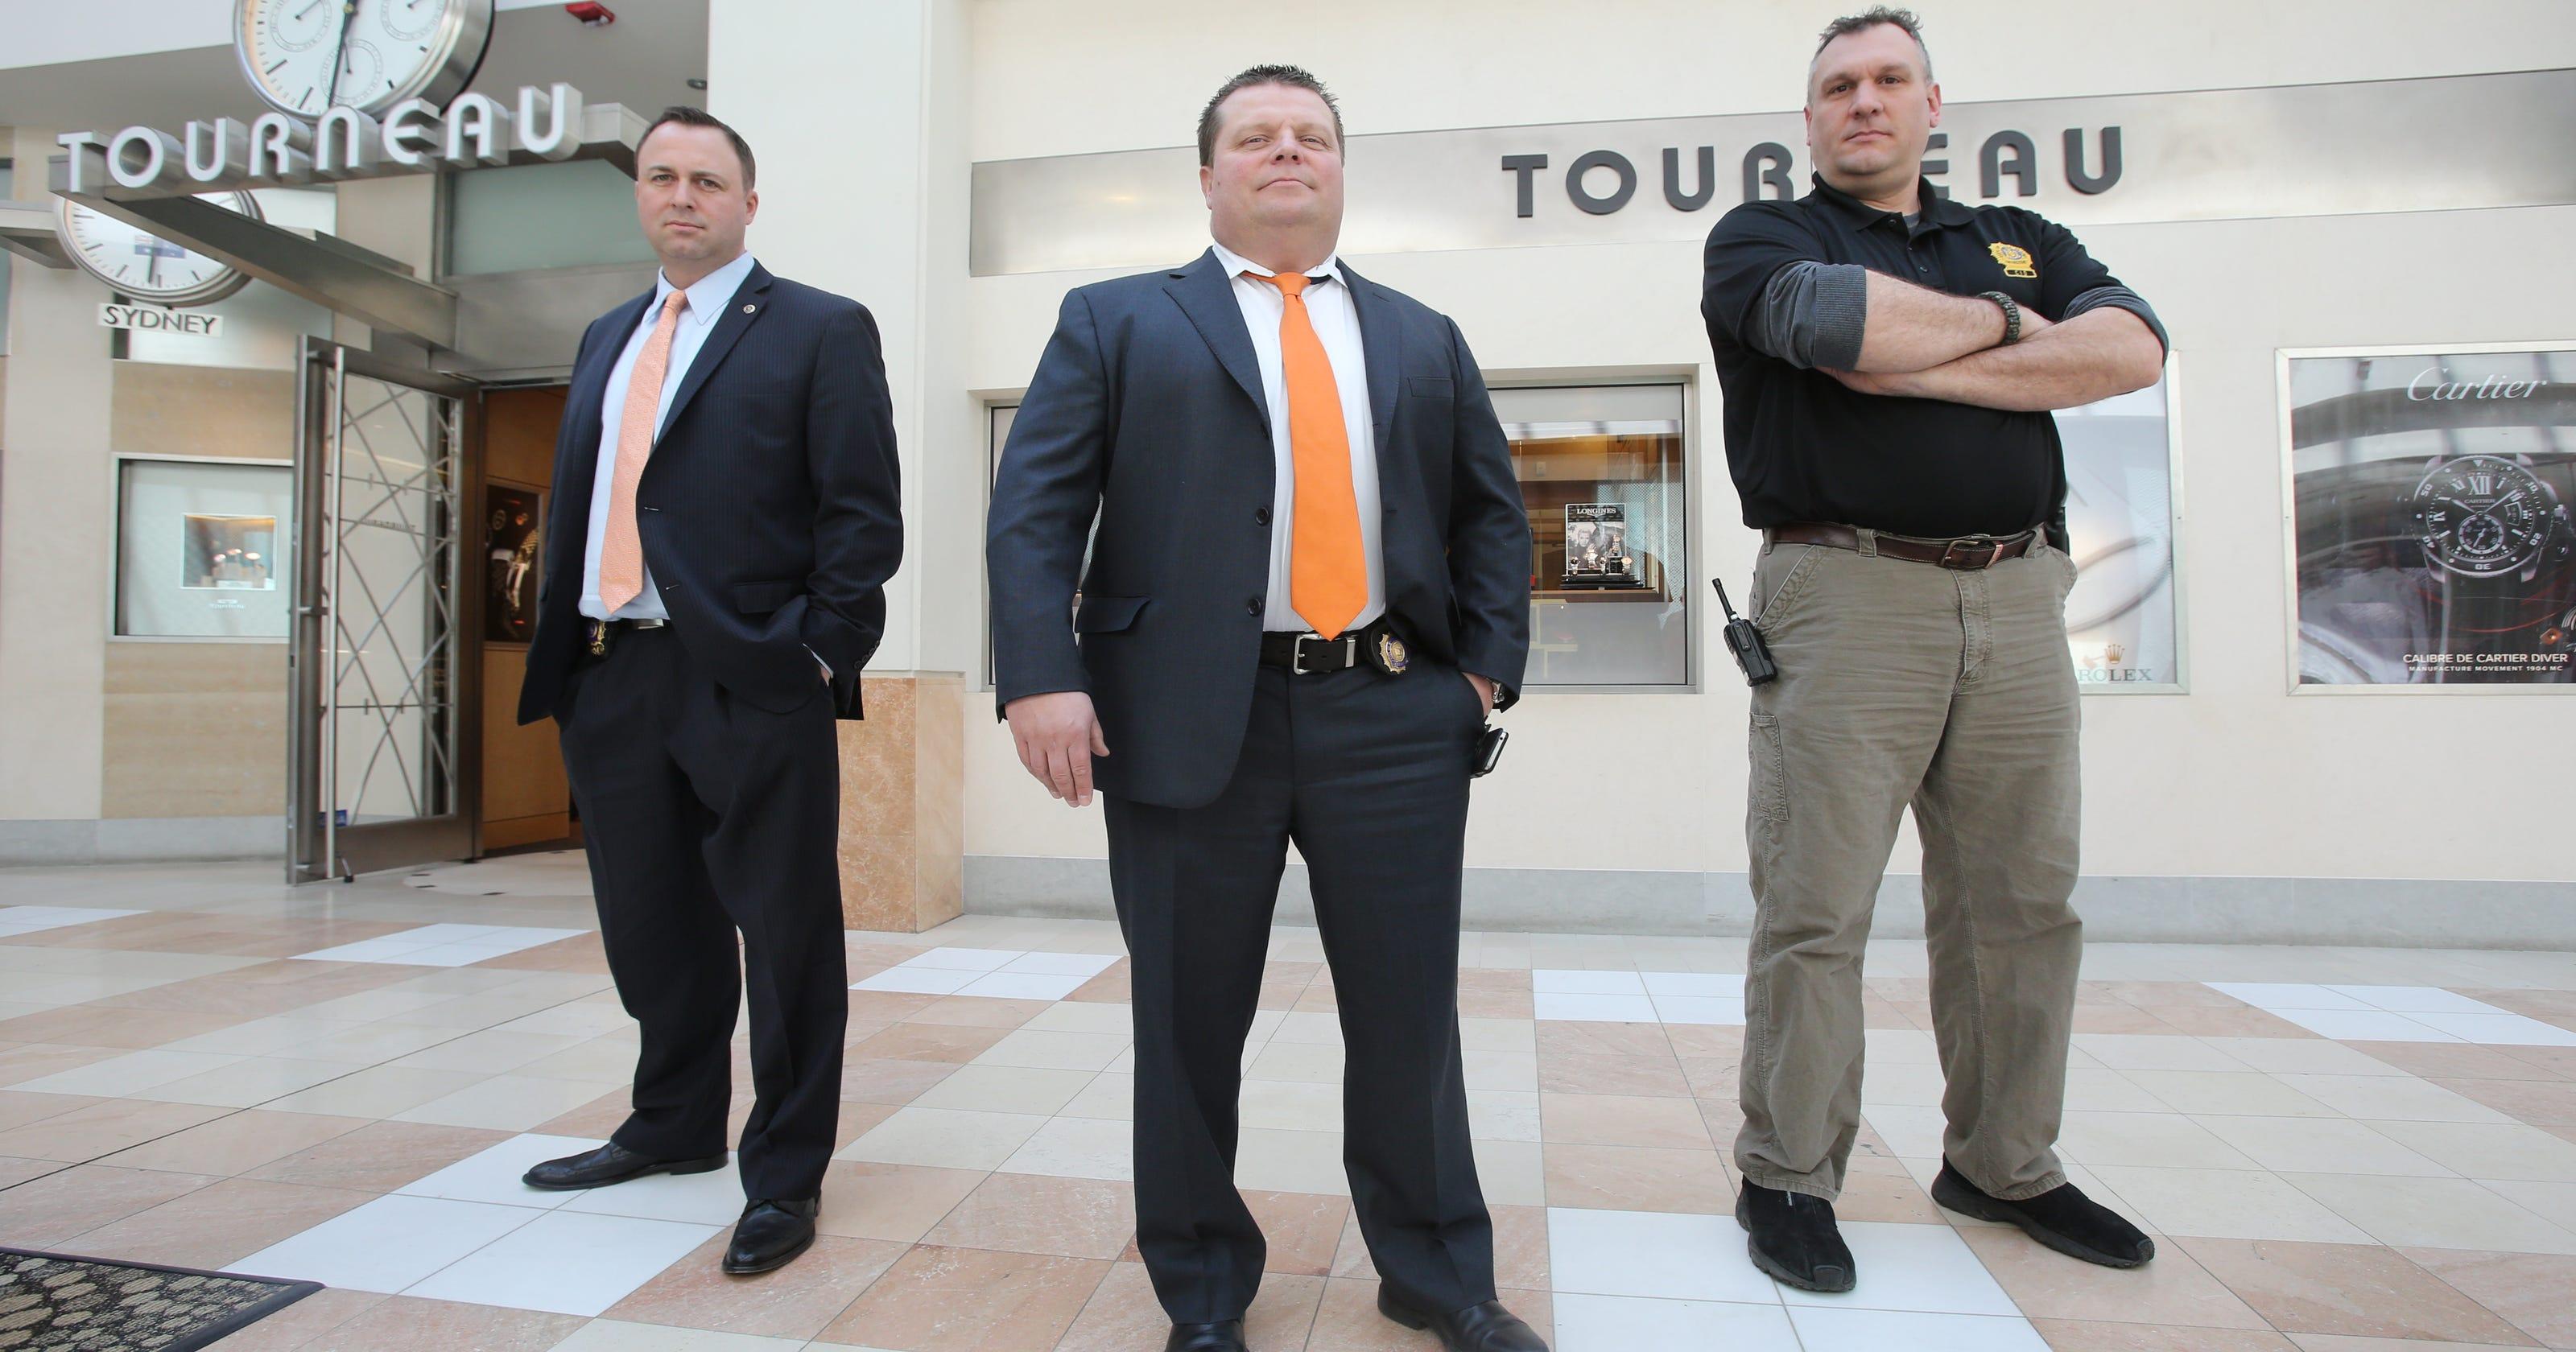 white plains cops help capture tourneau rolex robbers